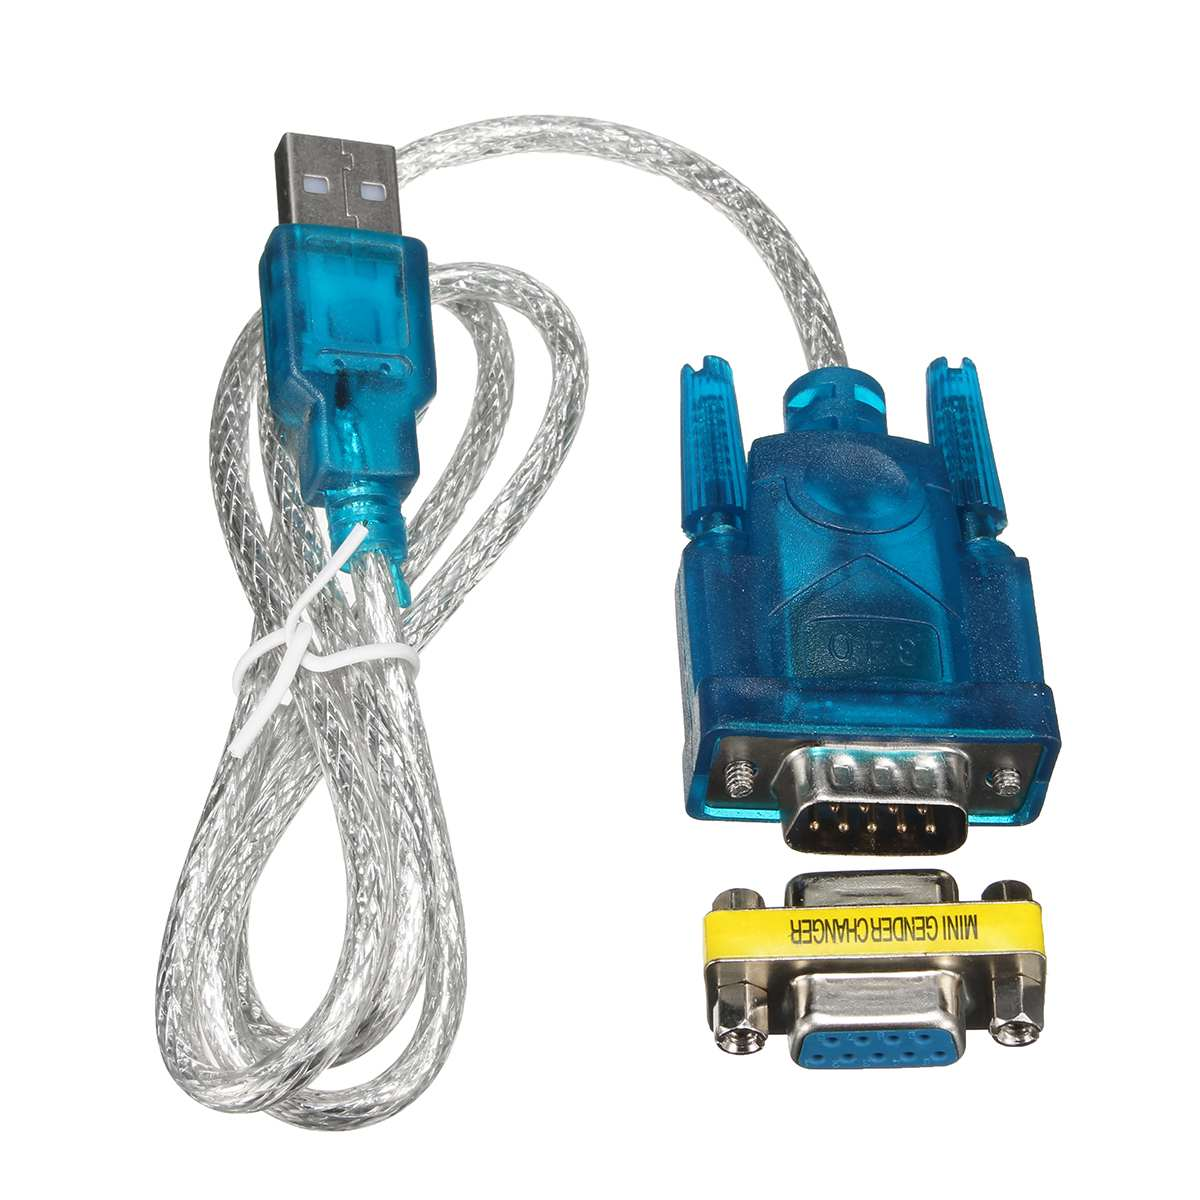 Usb para rs232 porta serial 9 pinos db9 cabo serial com porta adaptador conversor com adaptador fêmea suporta para windows 8 sem cd